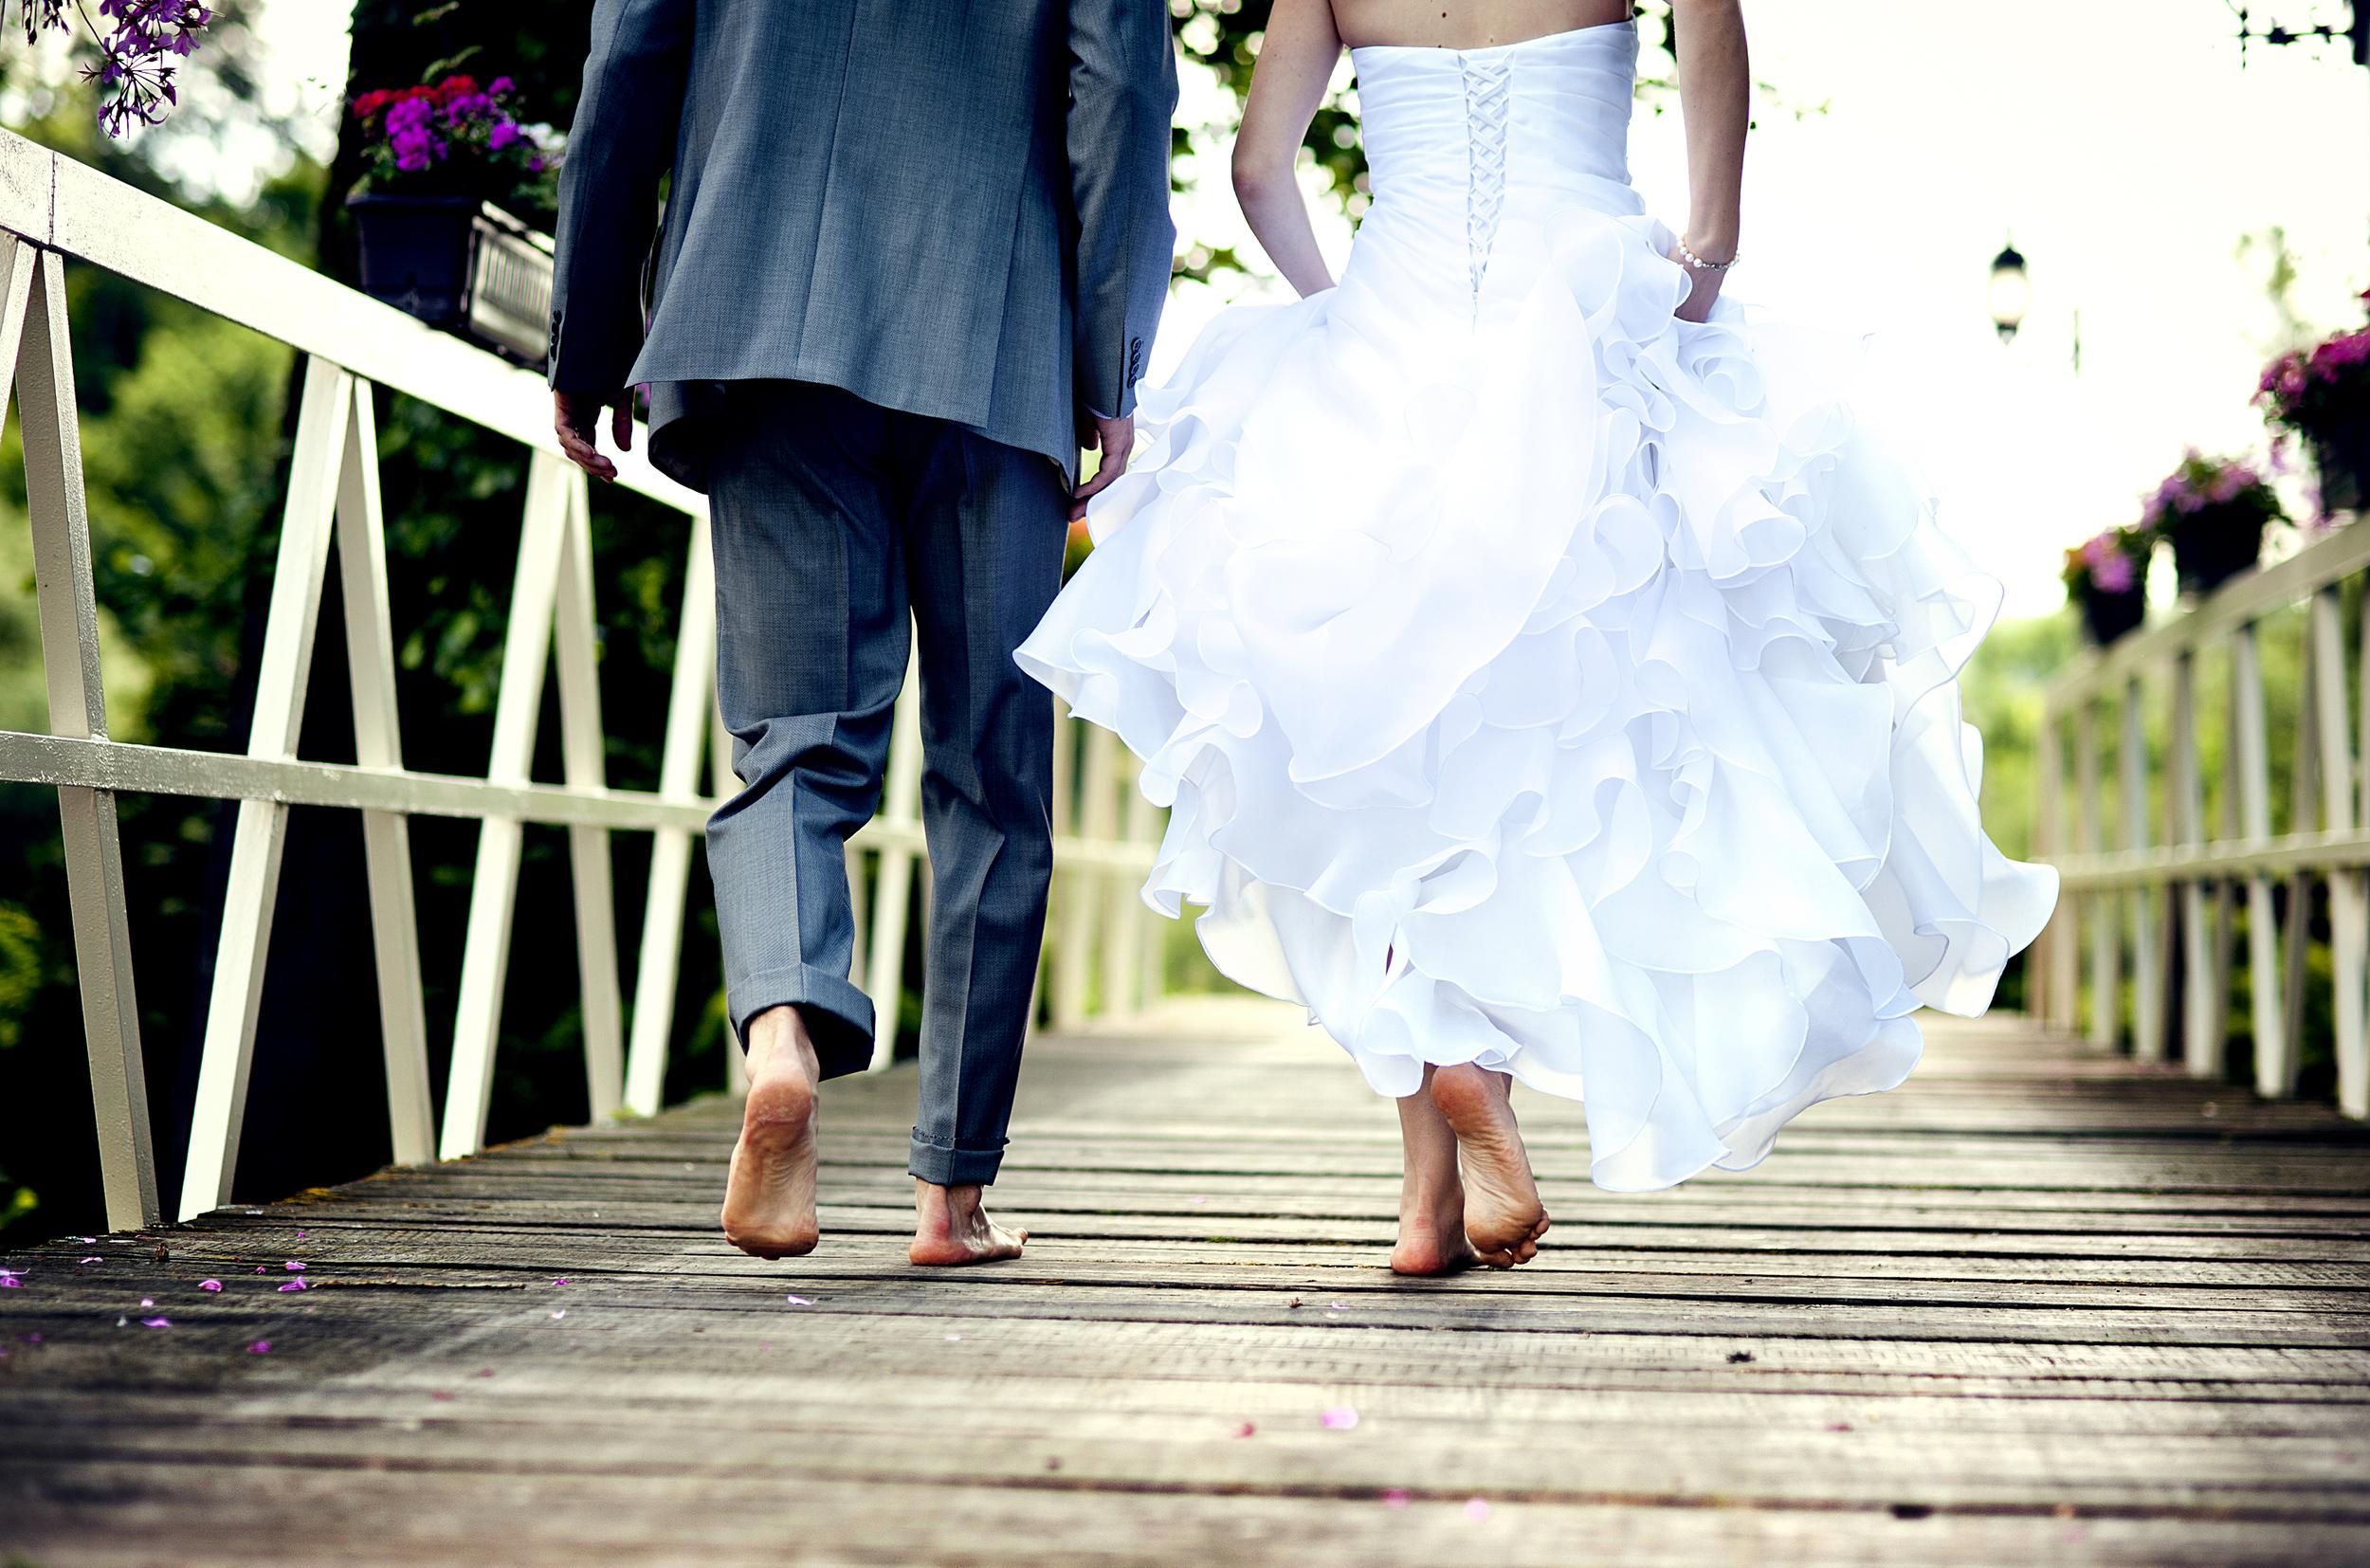 Genegantslet Weddings